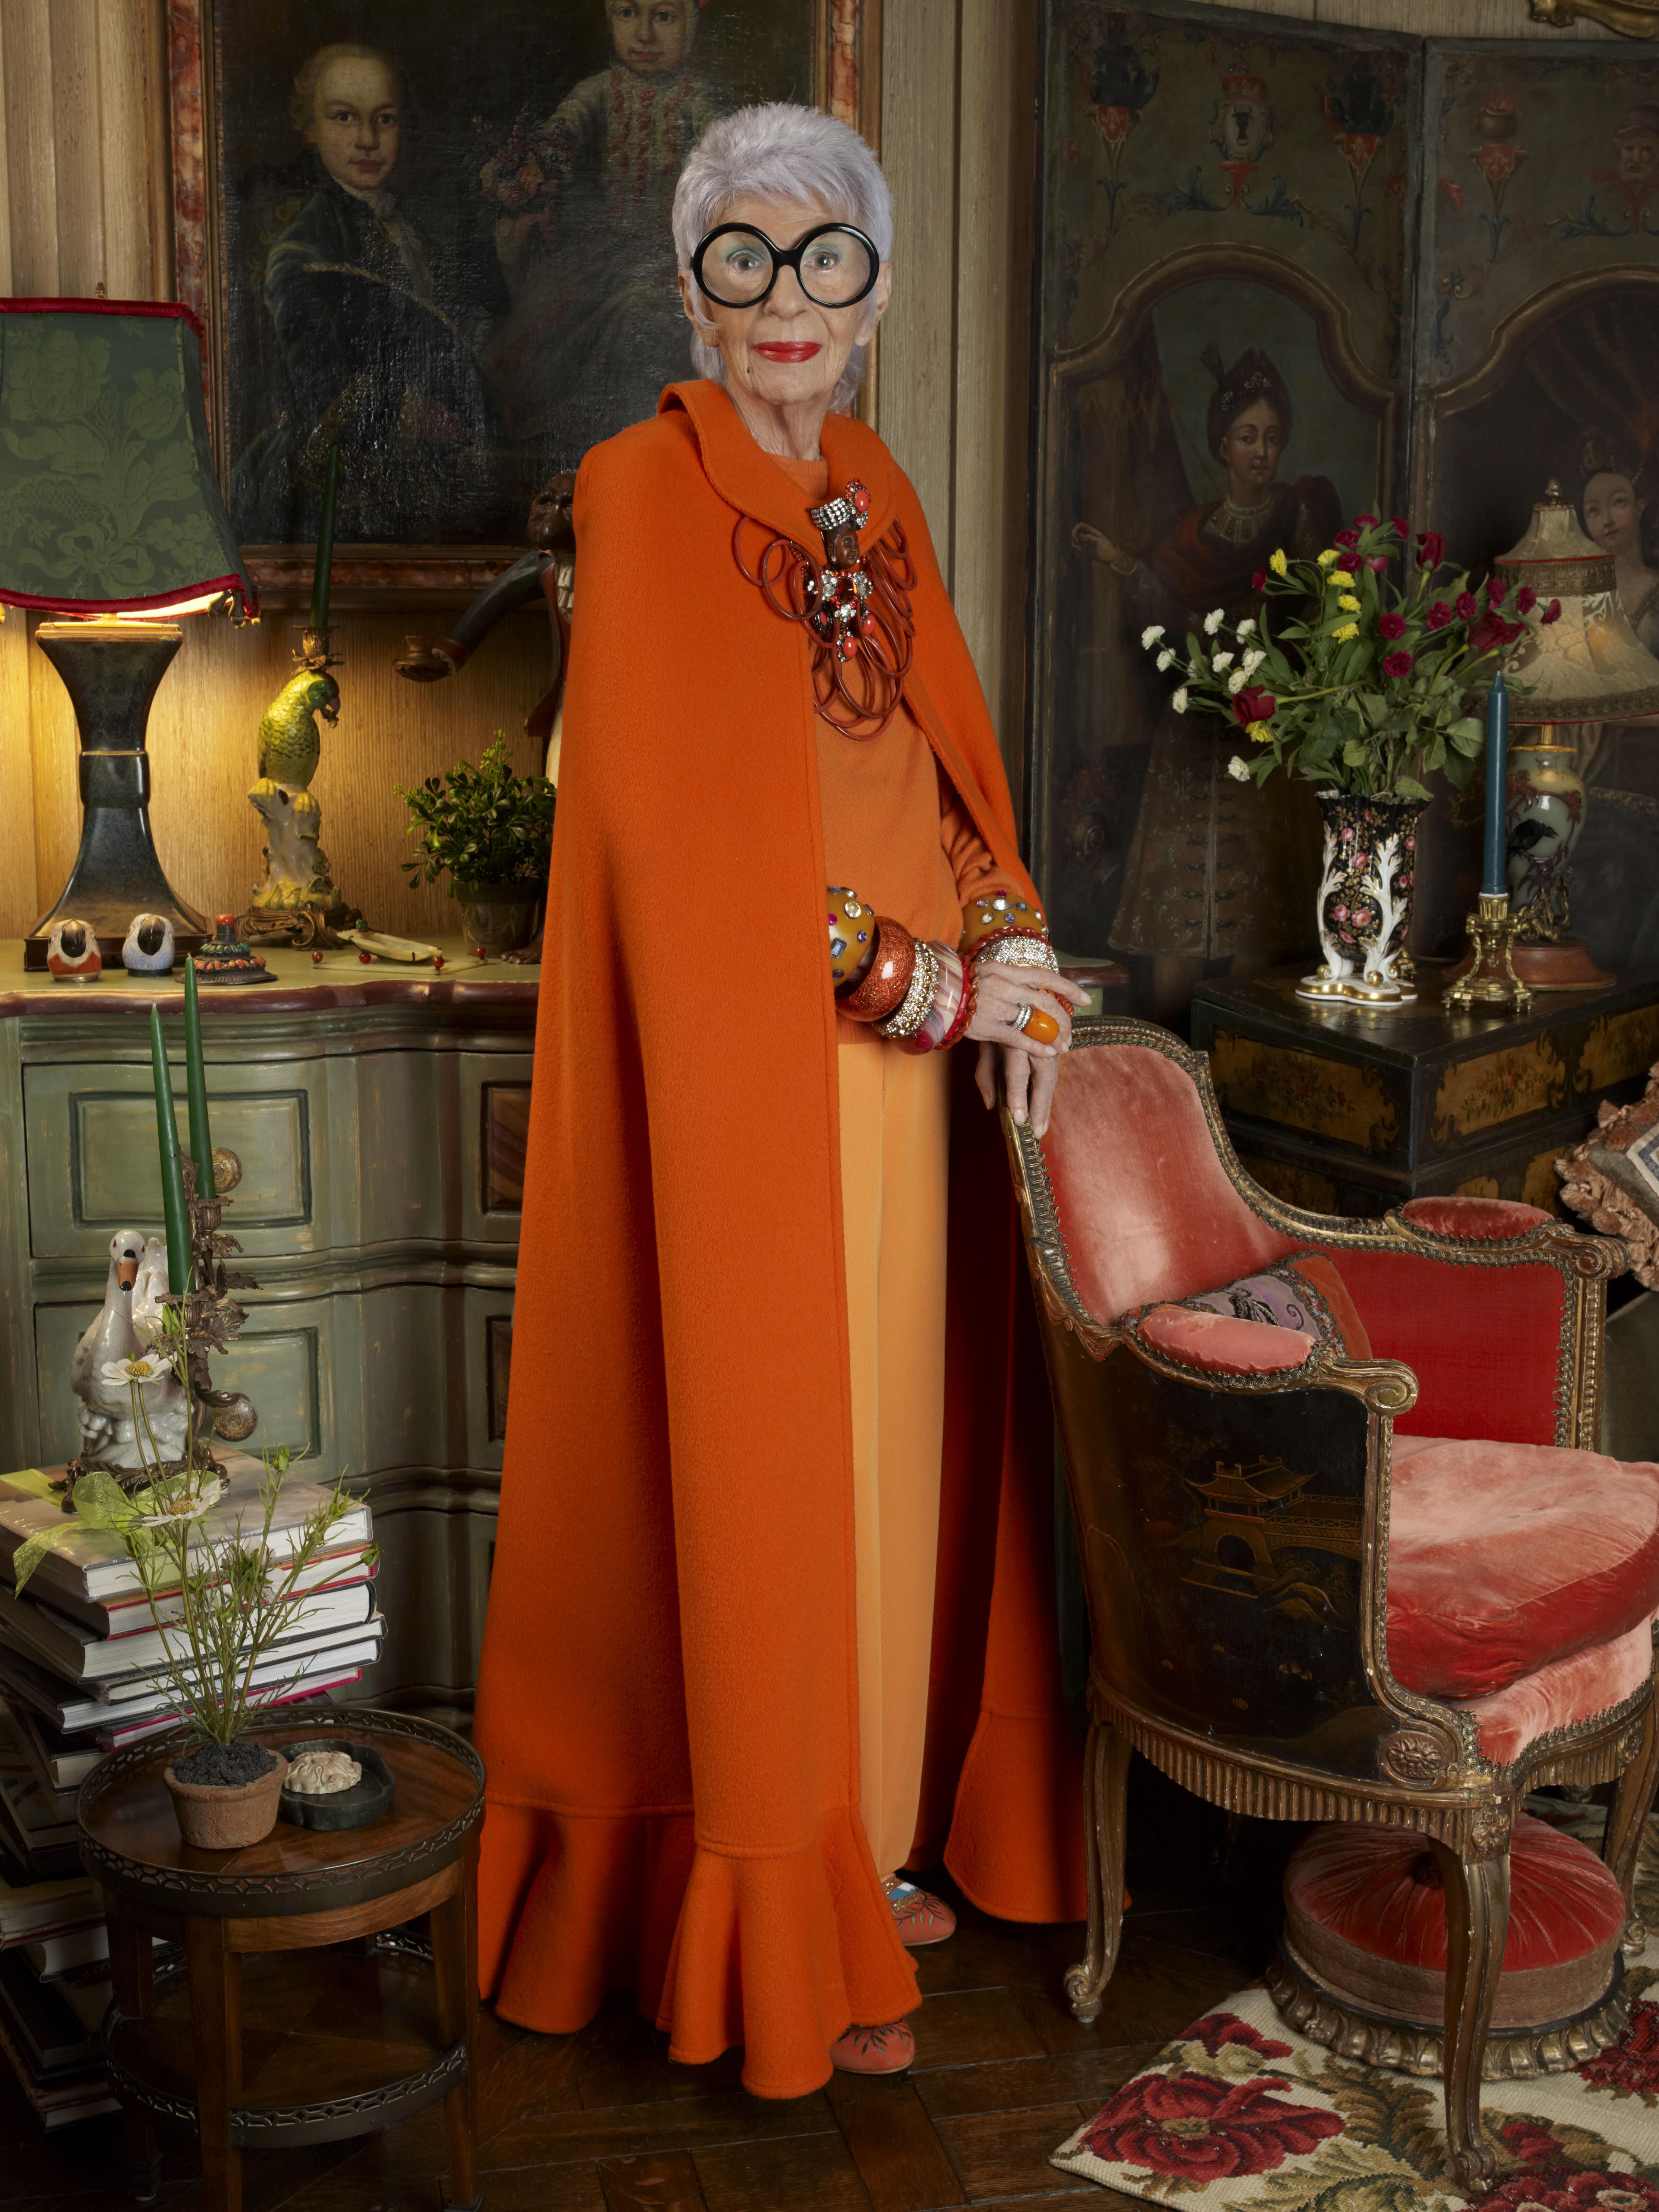 HANDOUT Iris Apfel standing tall in orange